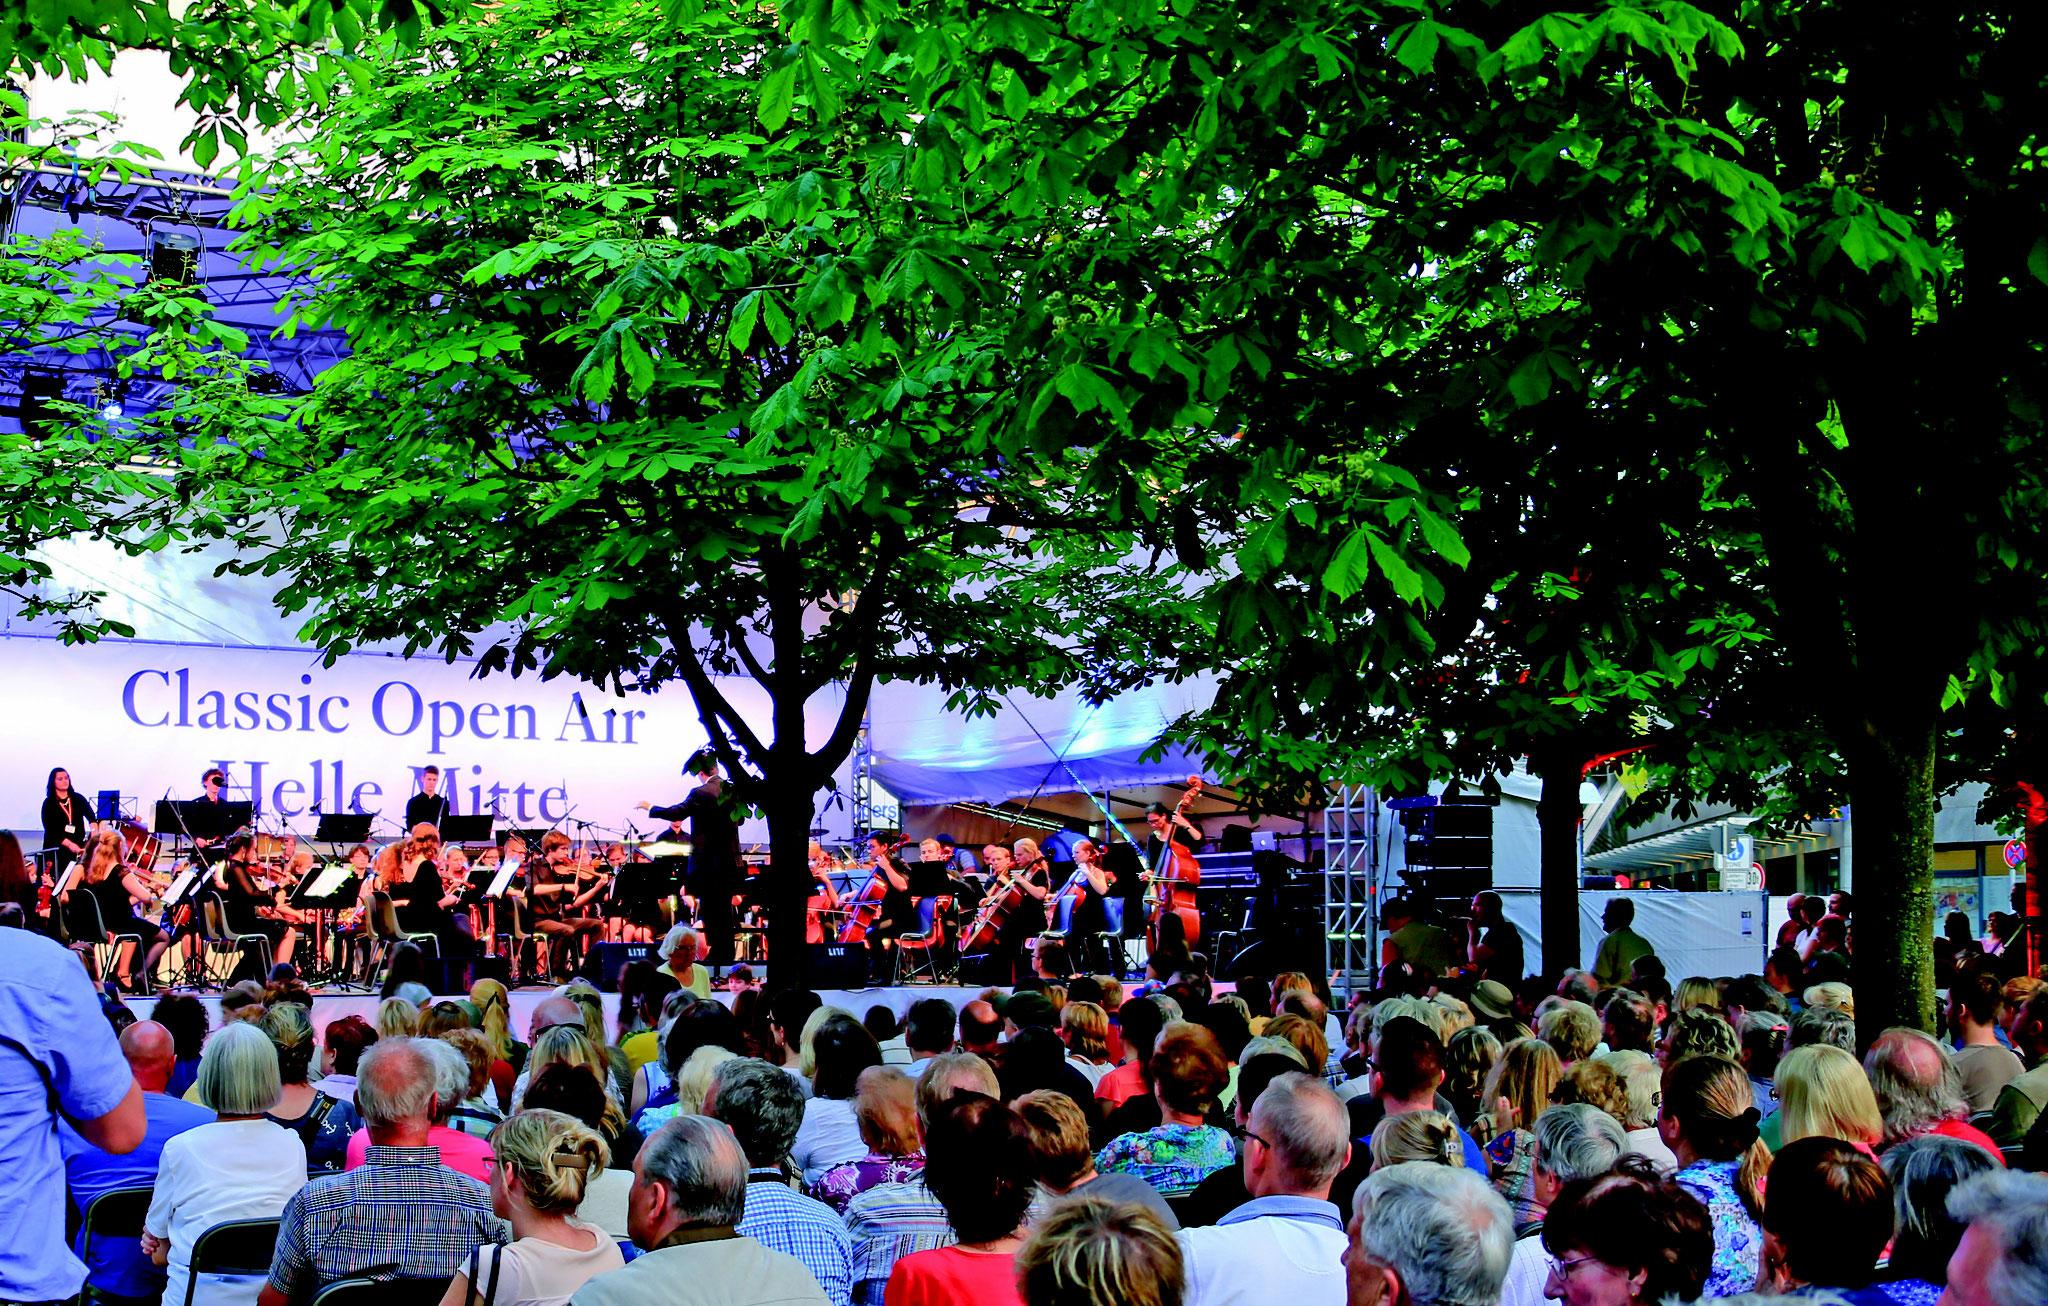 Das Classic Open Air lockt Jahr für Jahr mehrere Tausend Besucher nach Helle Mitte. © pressefoto-uhlemann.de